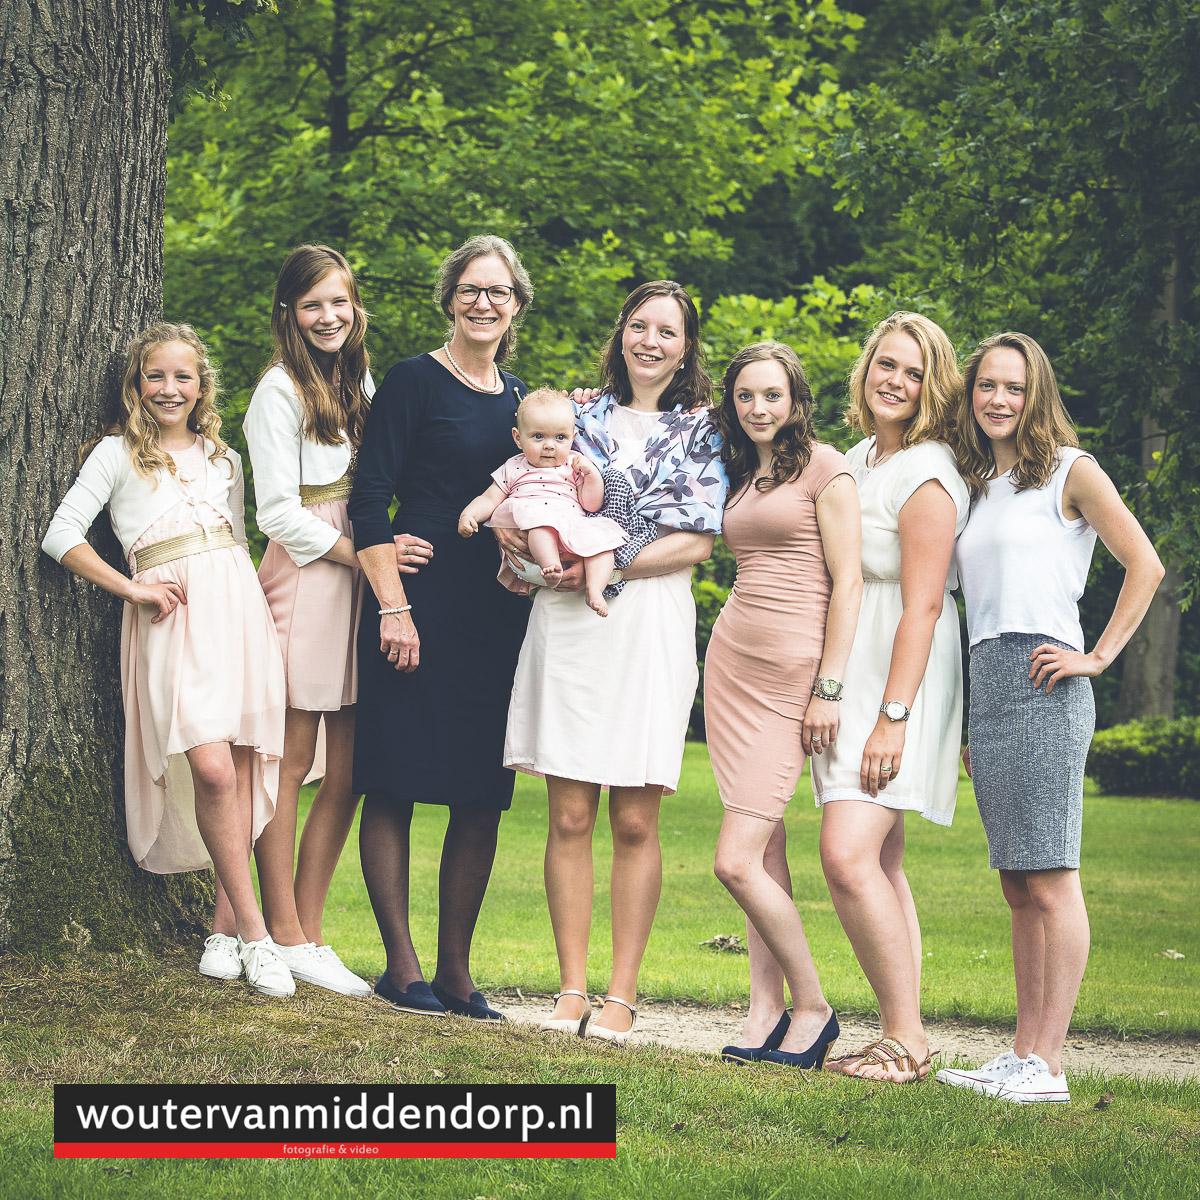 fotograaf Wouter van Middendorp, portretfoto, groepsfoto omgeving Nunspeet, Barneveld, Putten, Uddel (9)